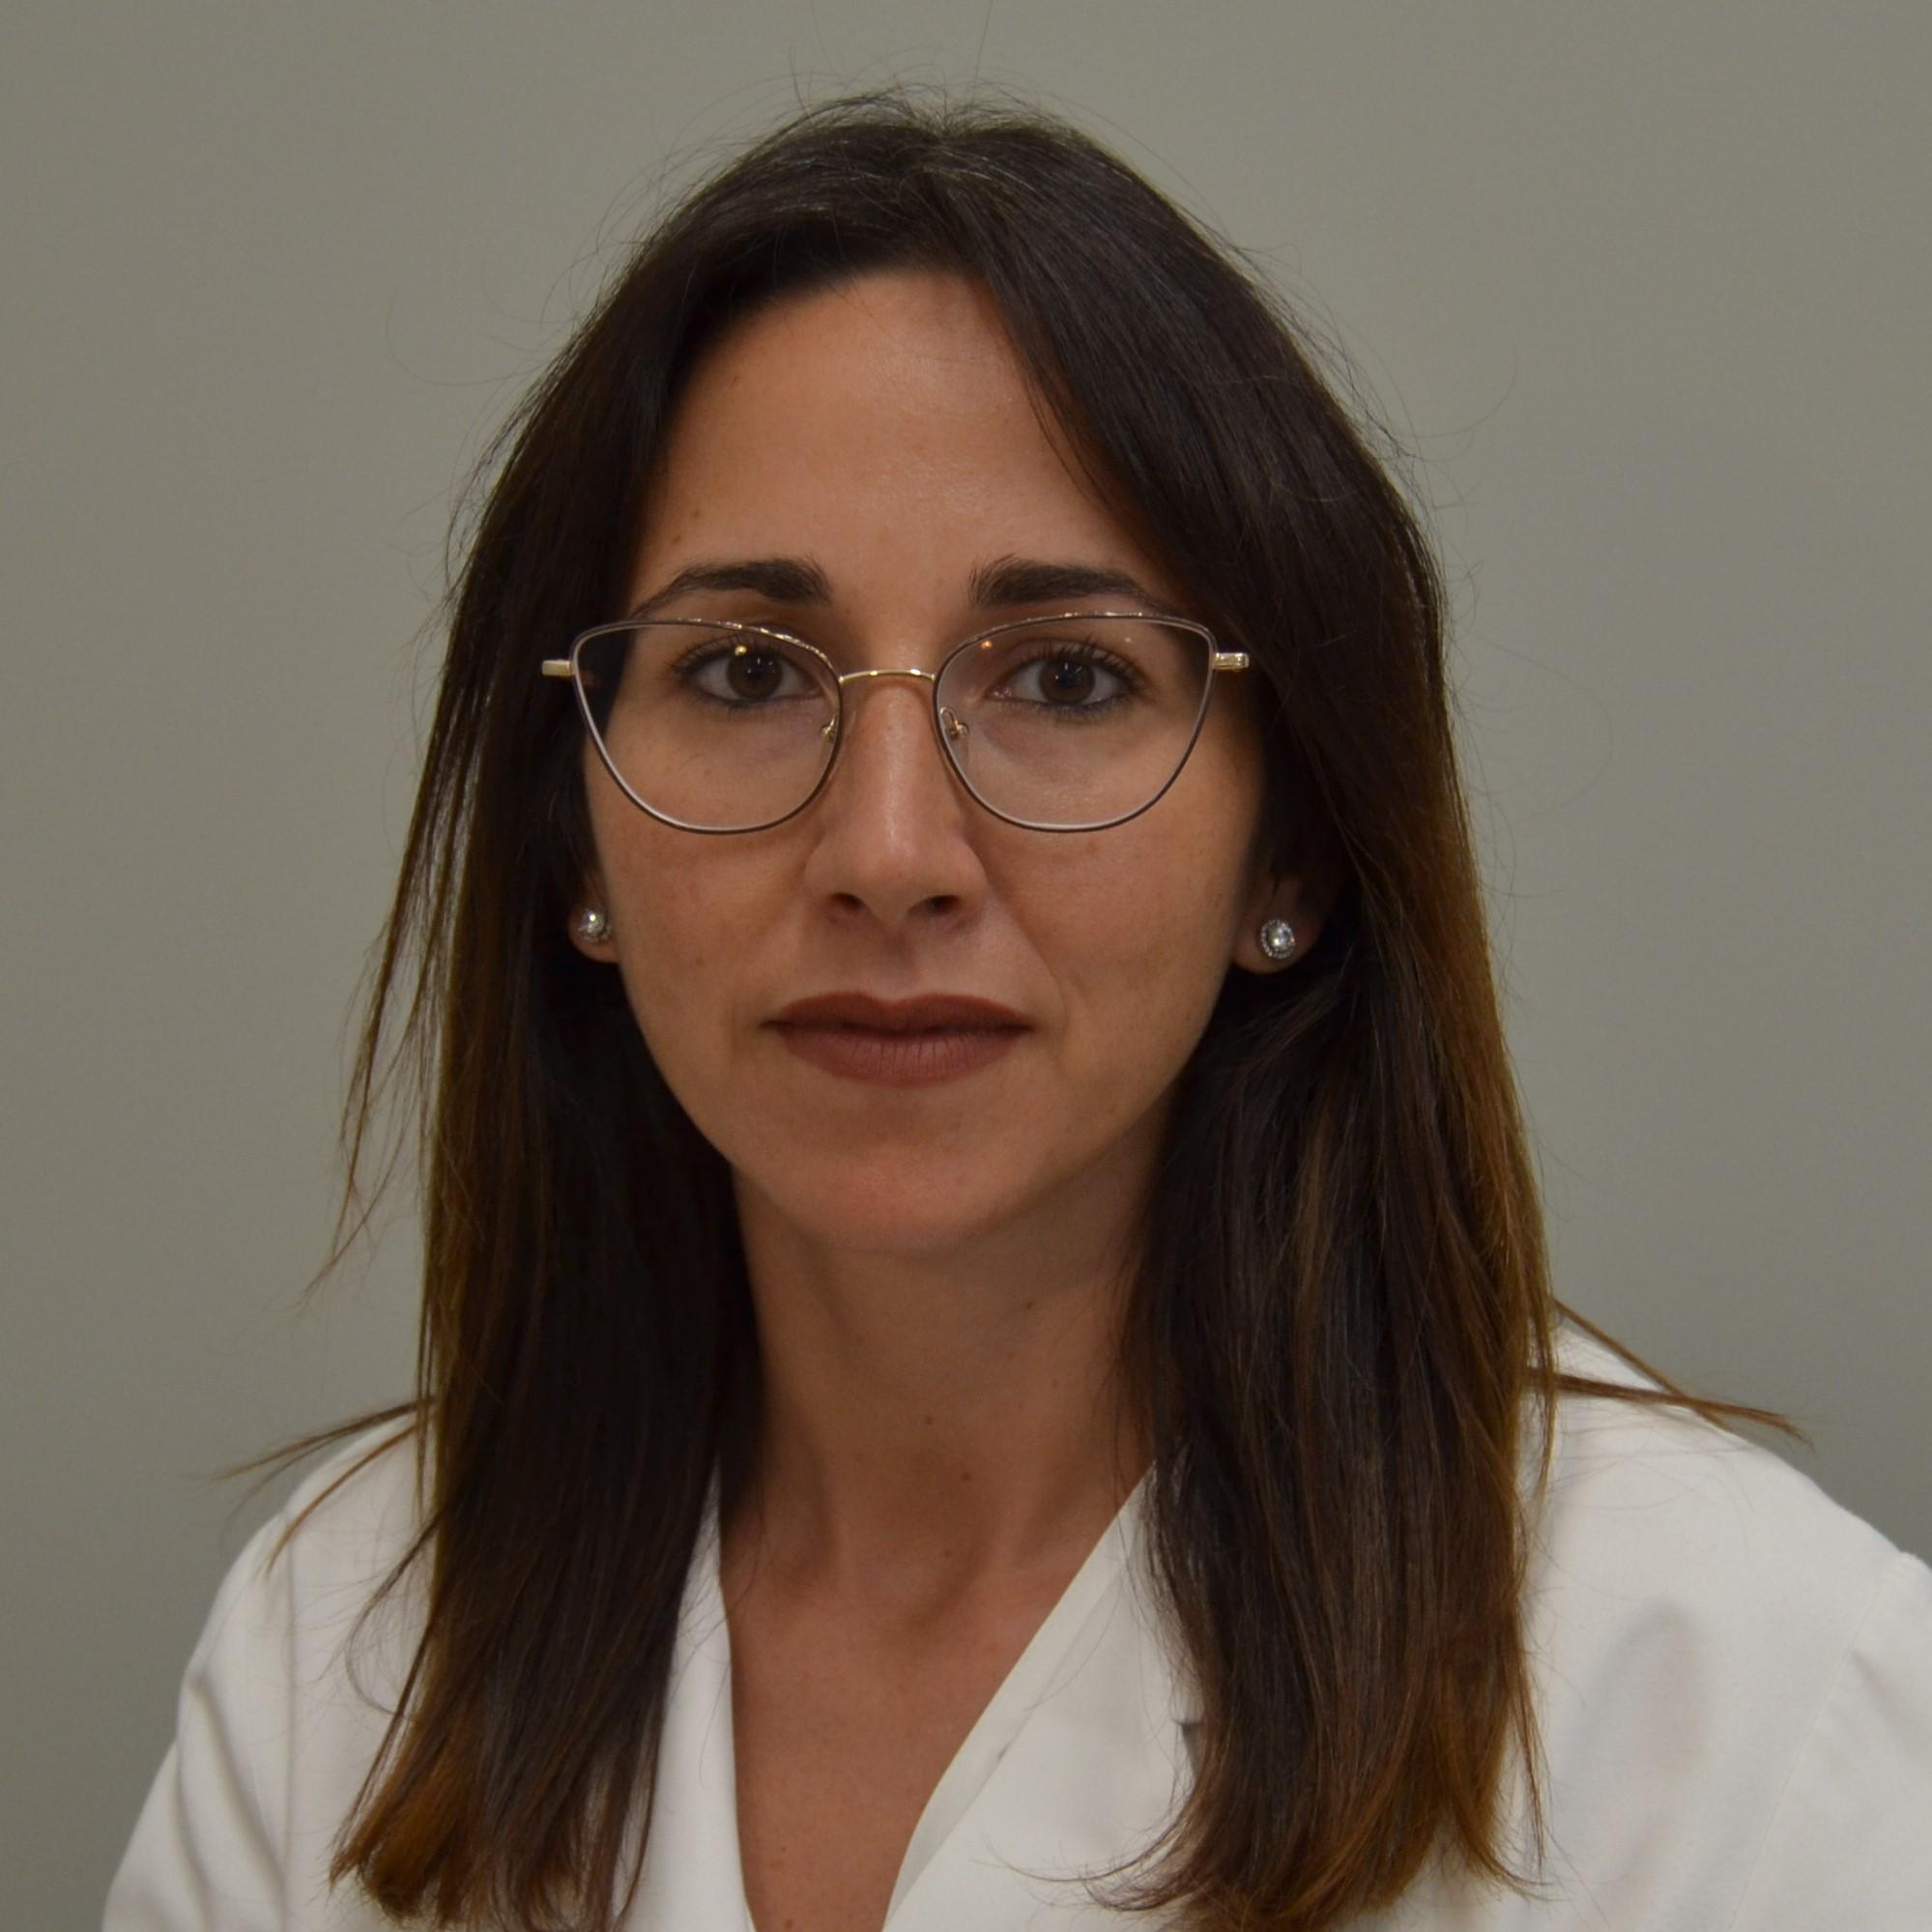 Anna Maria Cortese